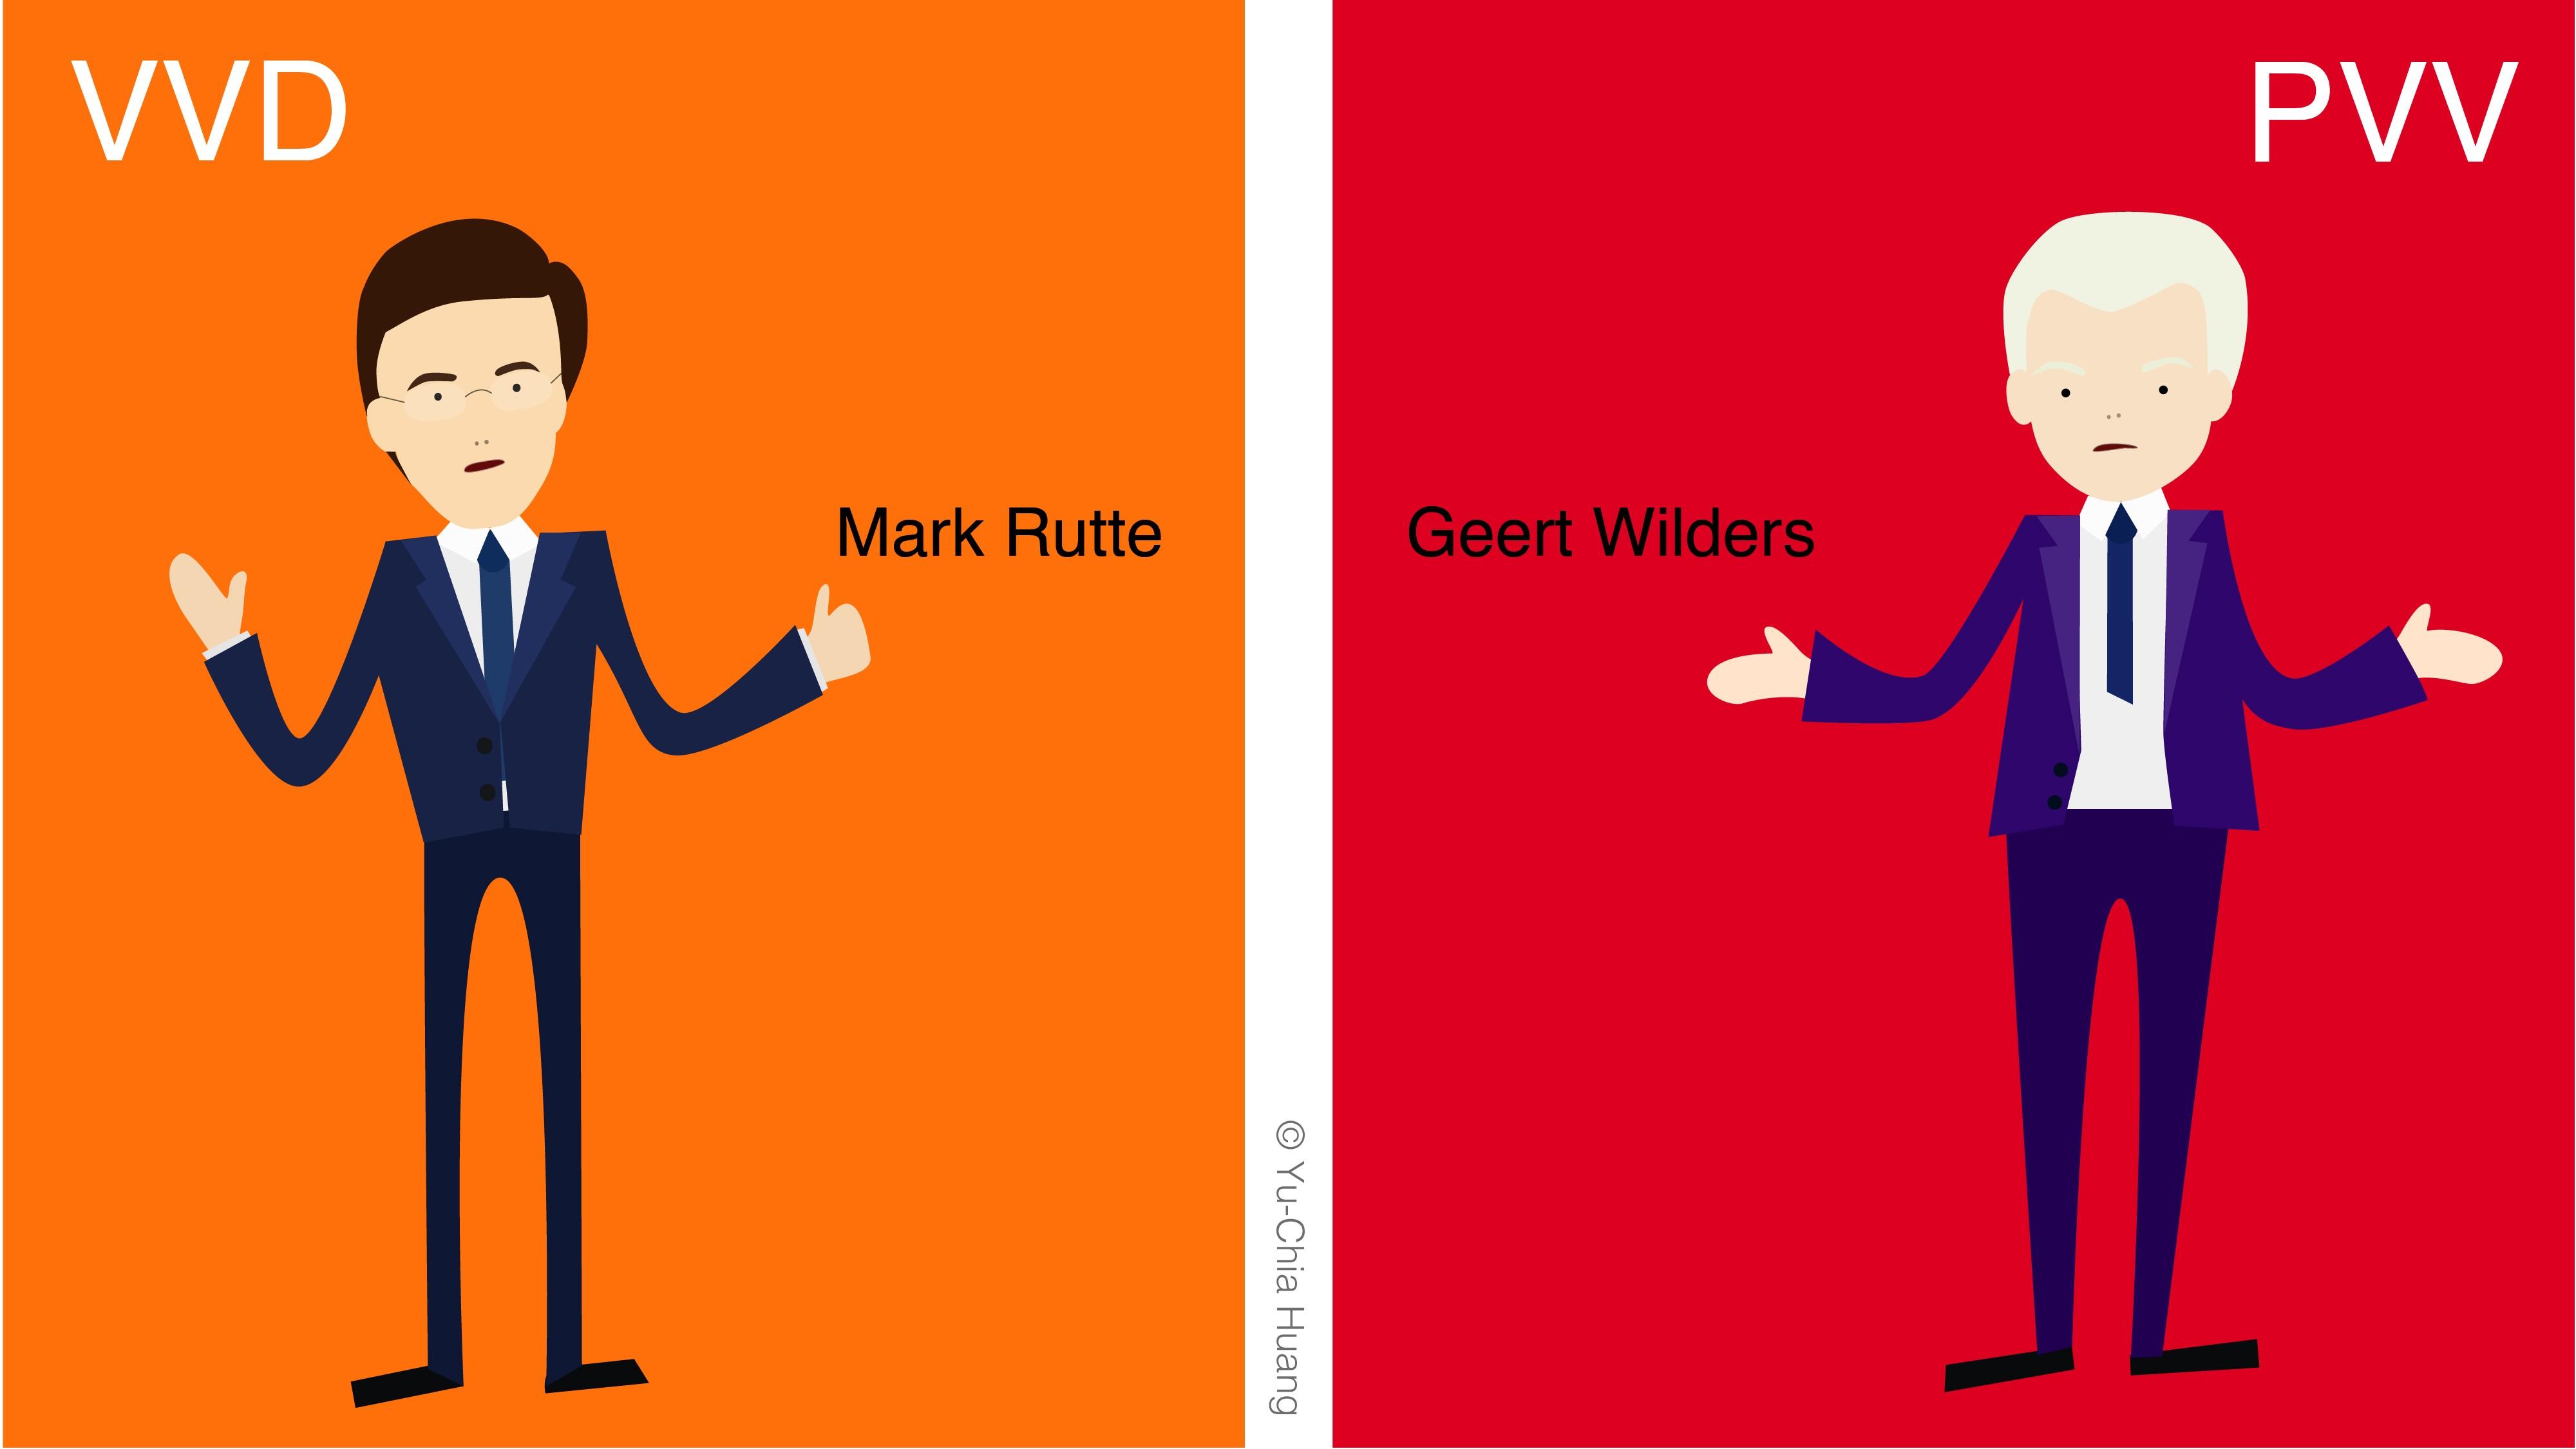 dutch-royals-politicians-02